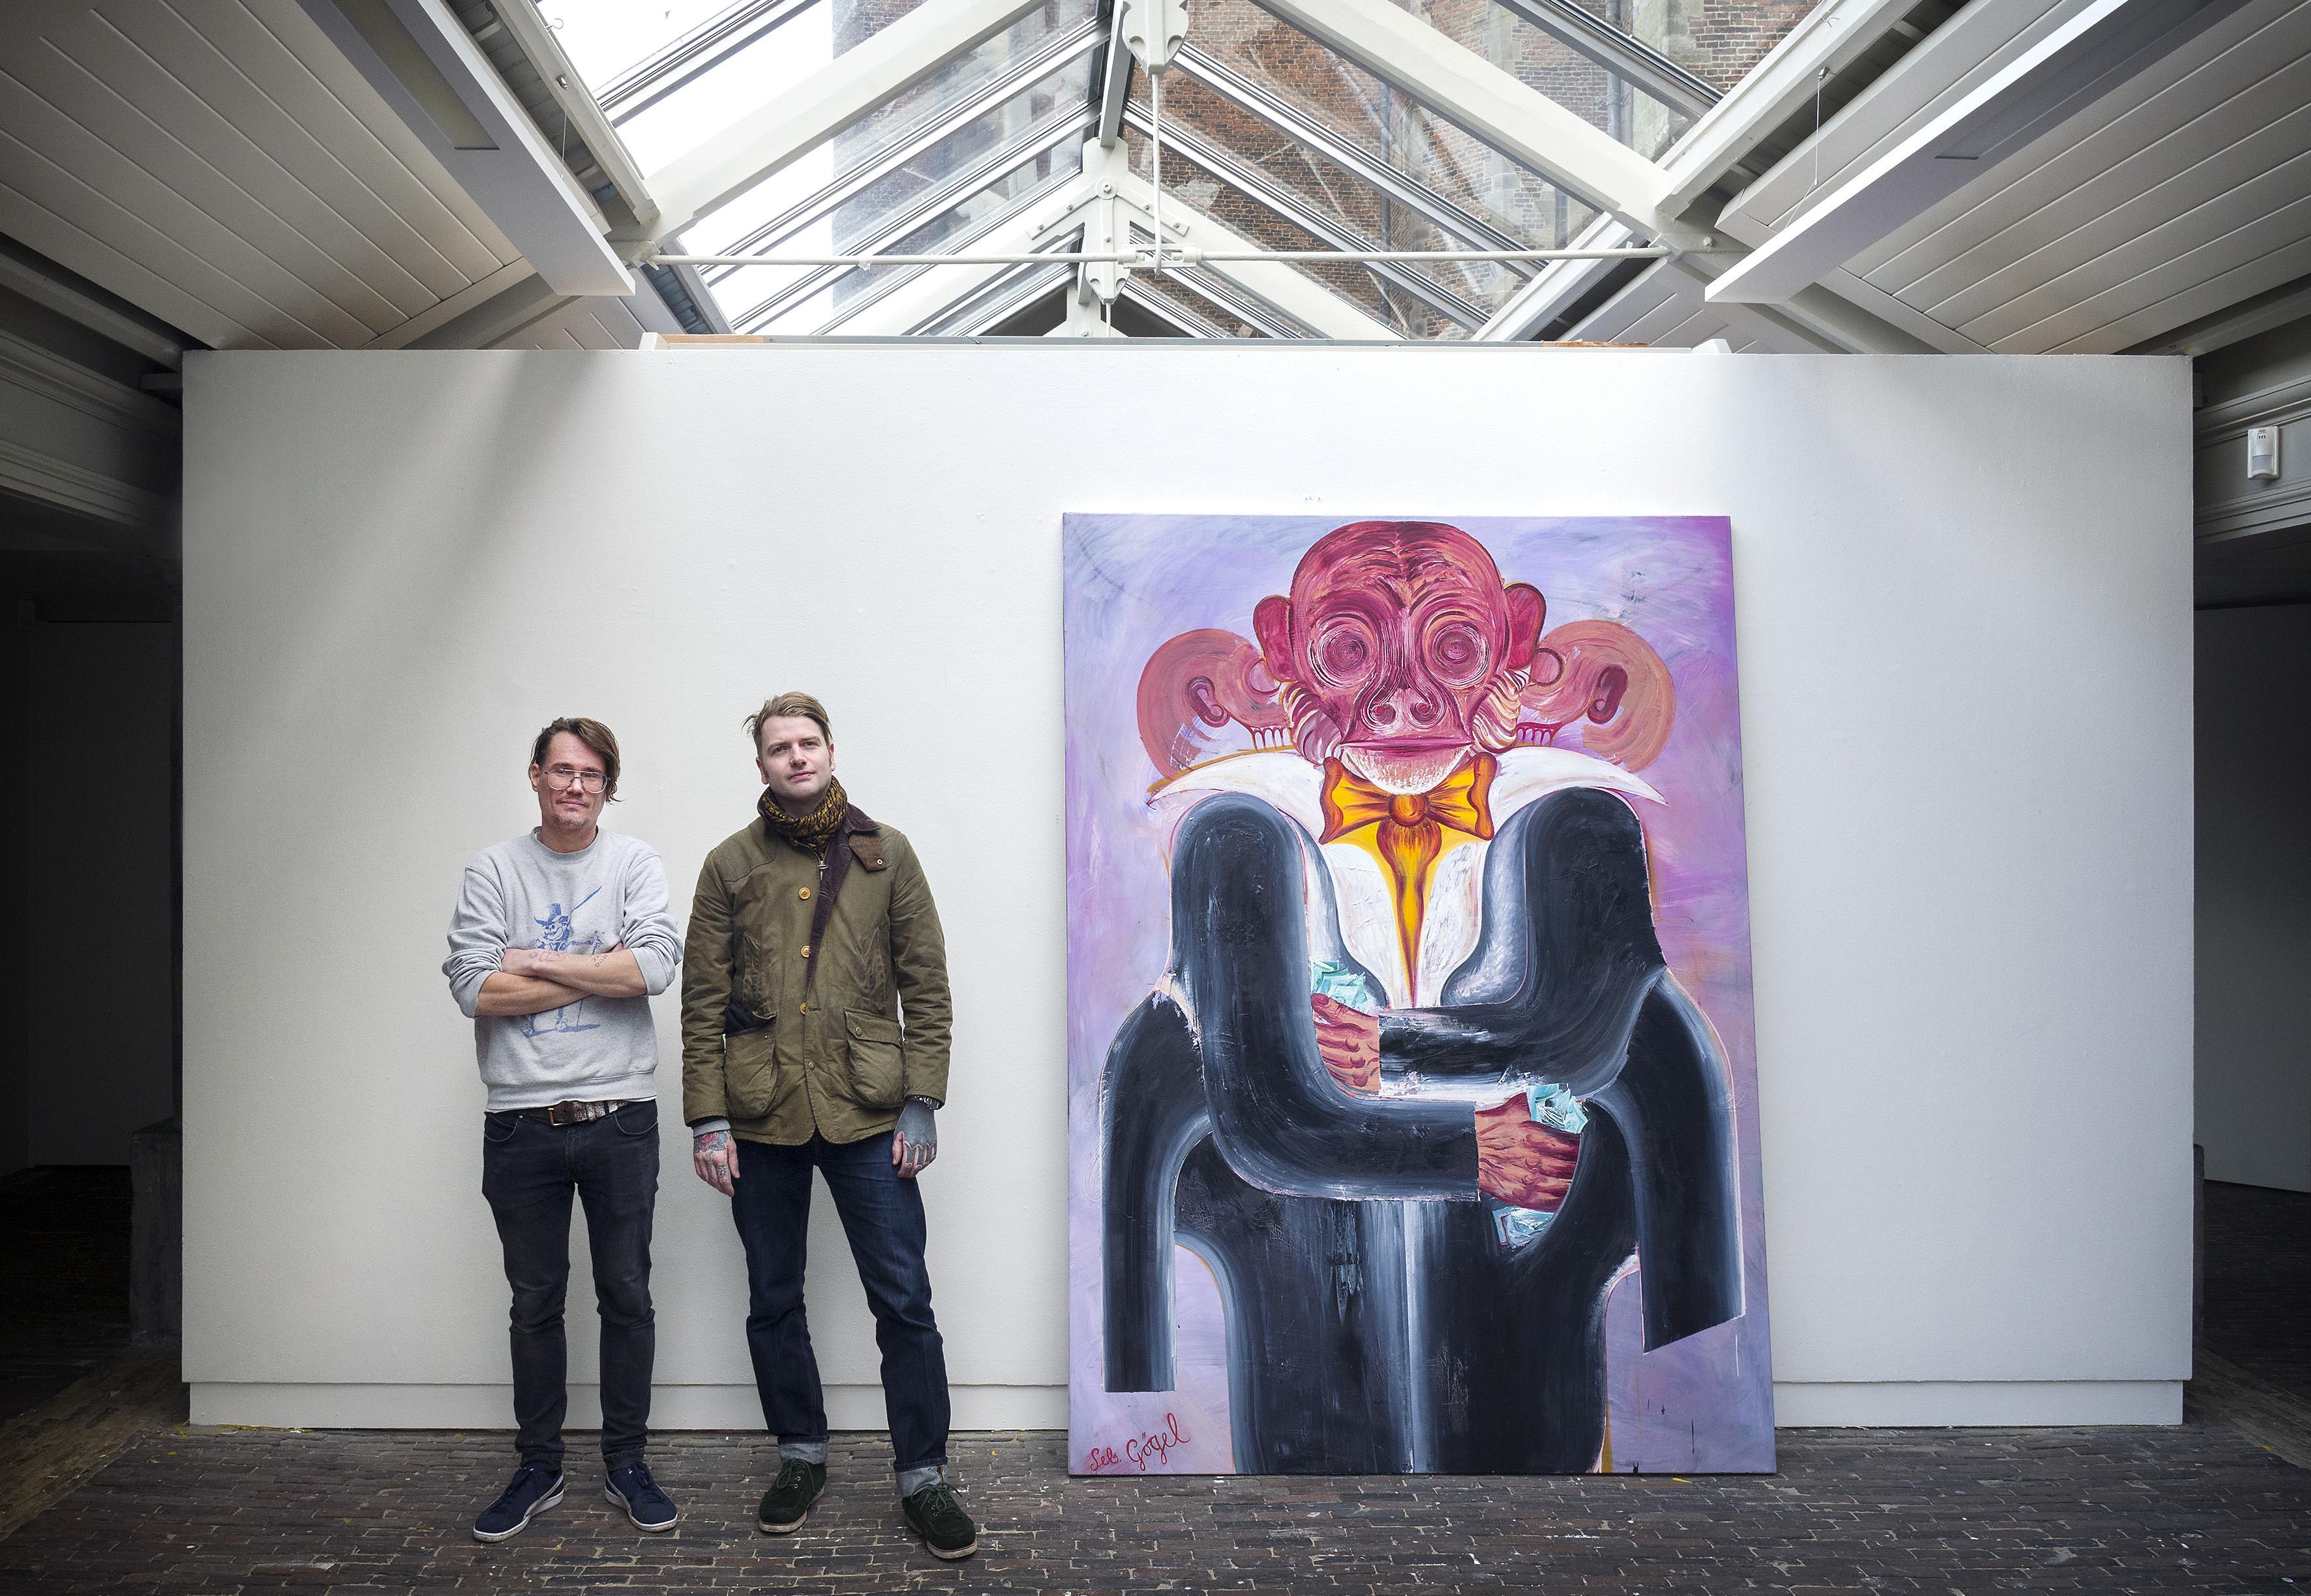 Rutger van der Tas maakt expositie 'Highly volatile' in Vishal